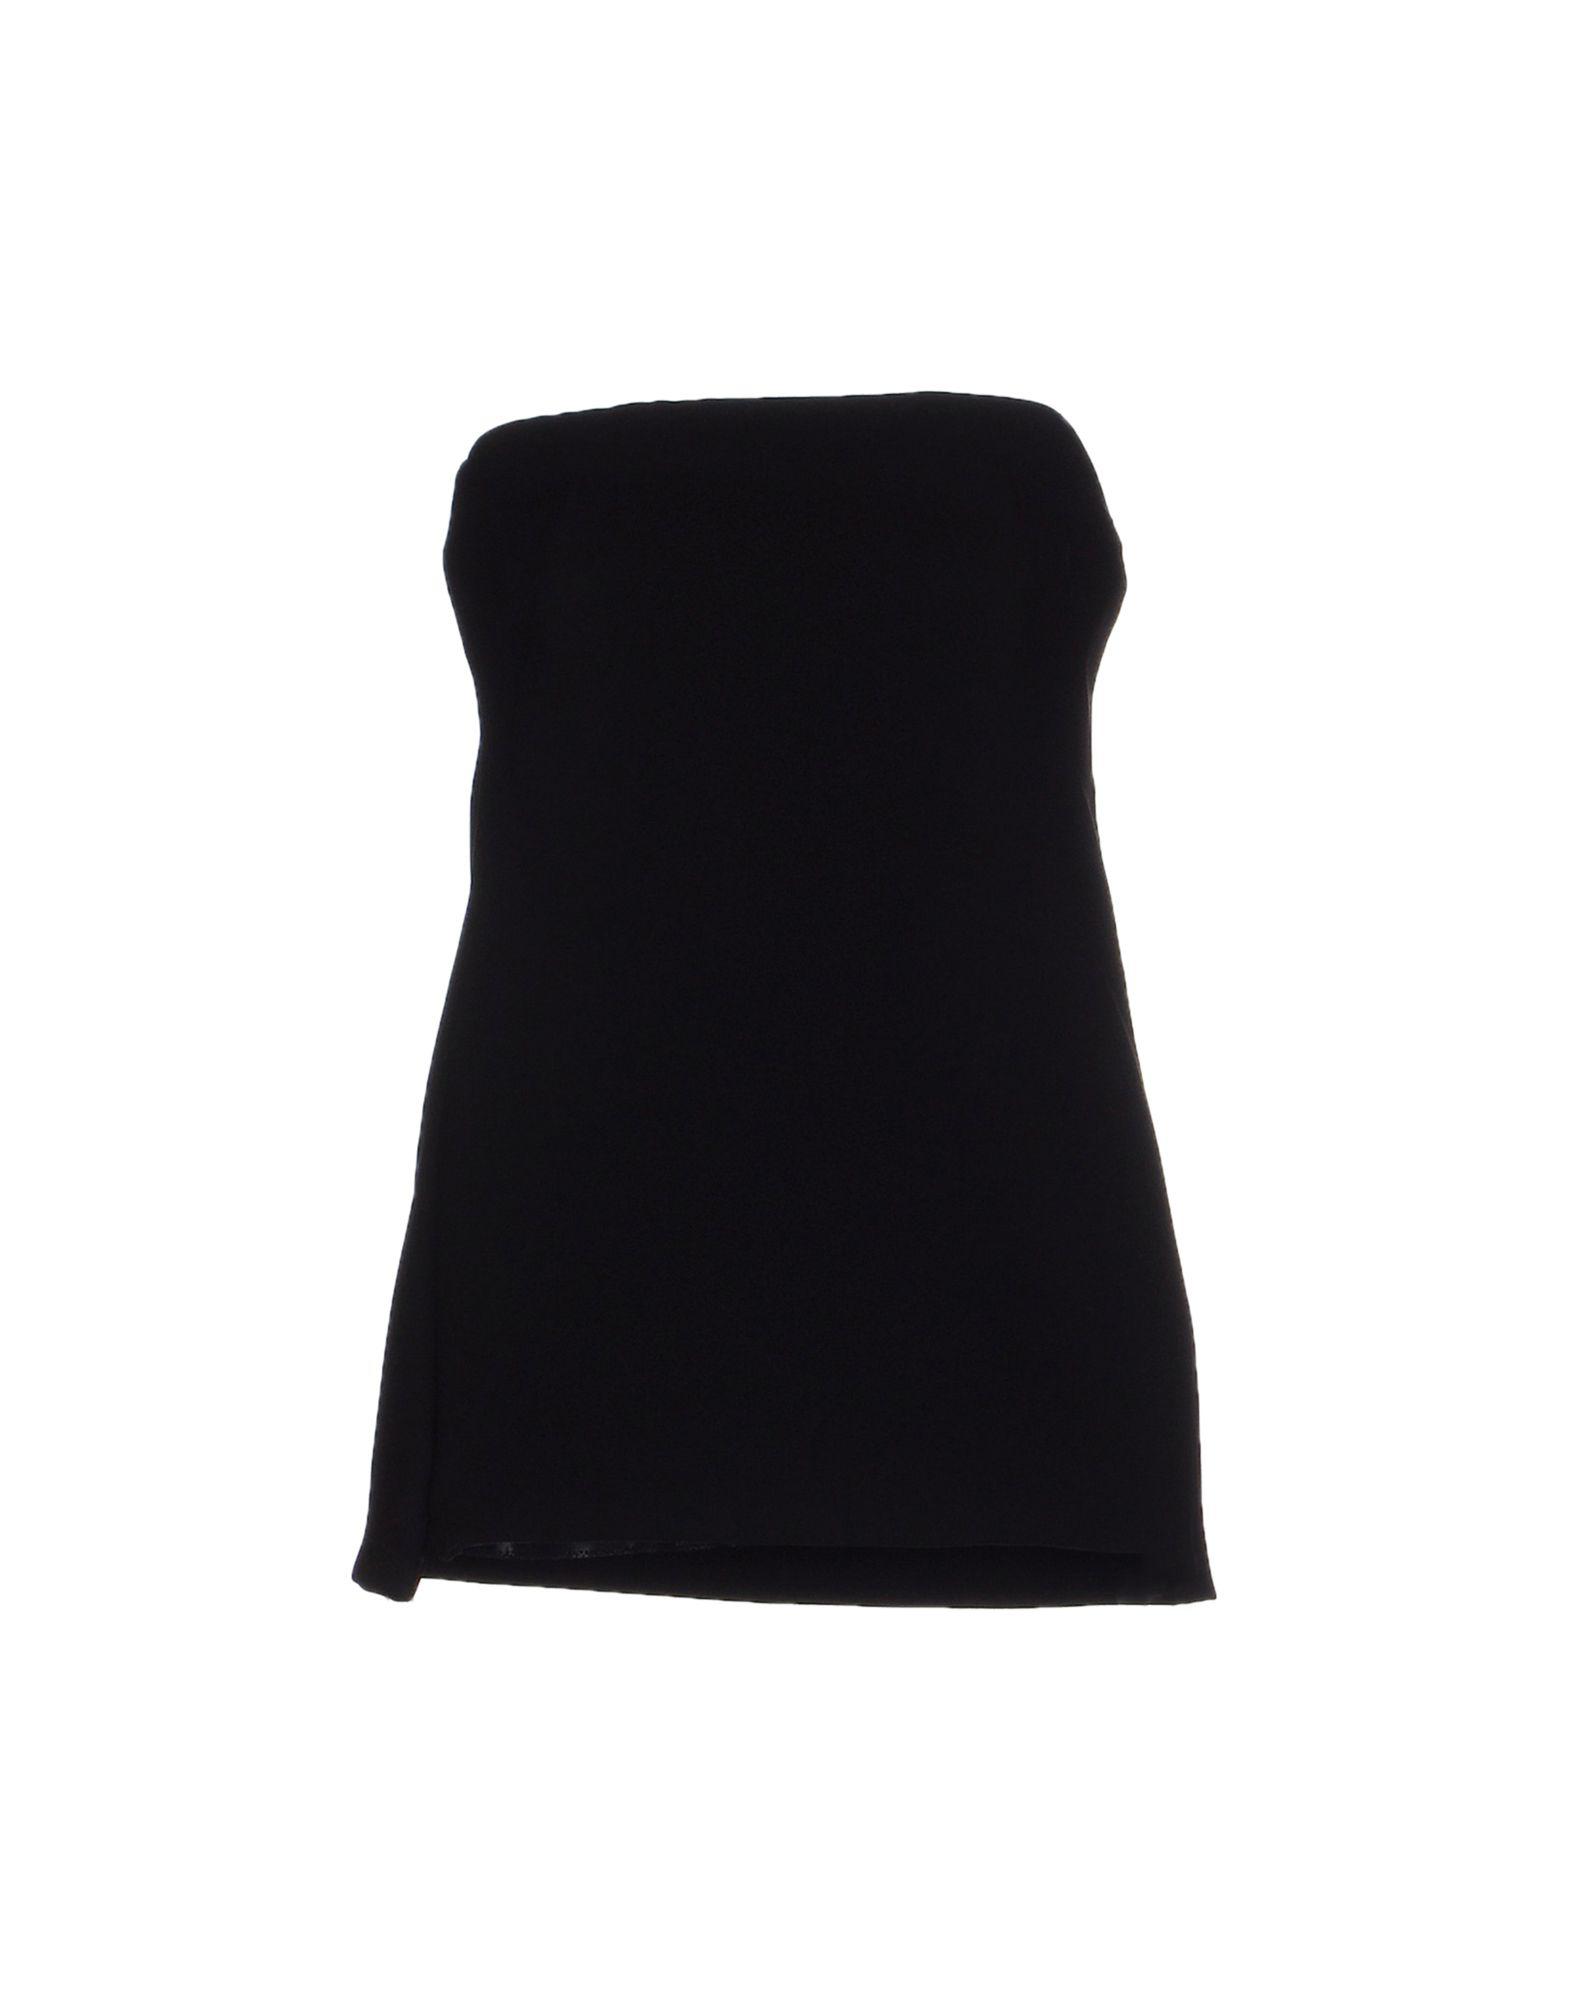 Celine Top In Black